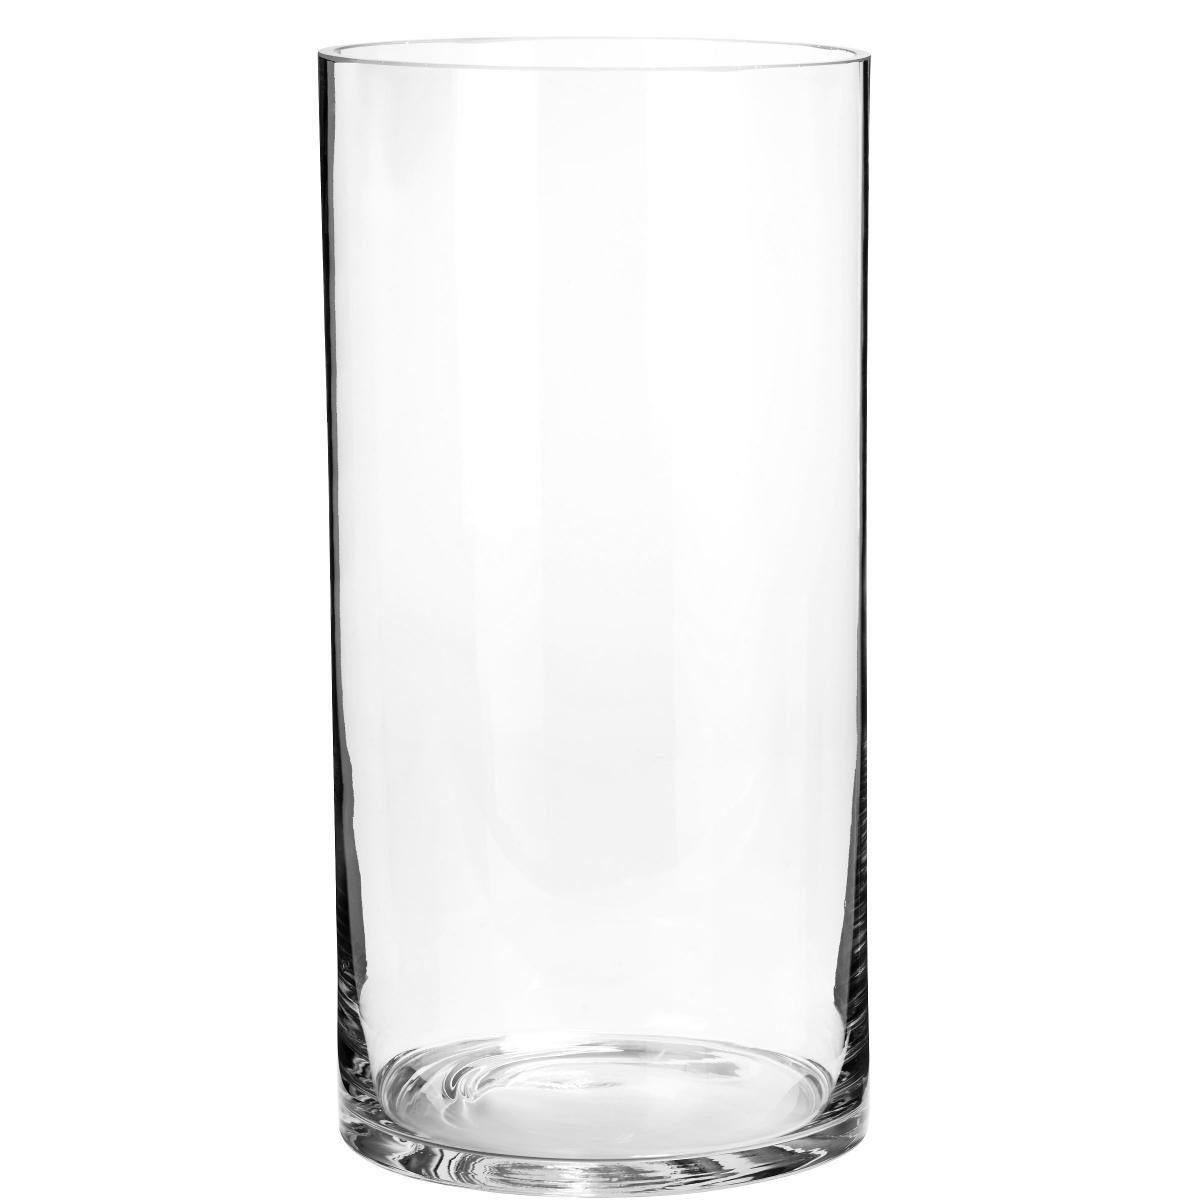 BUTLERS POOL »zylindrische Vase 30 cm«